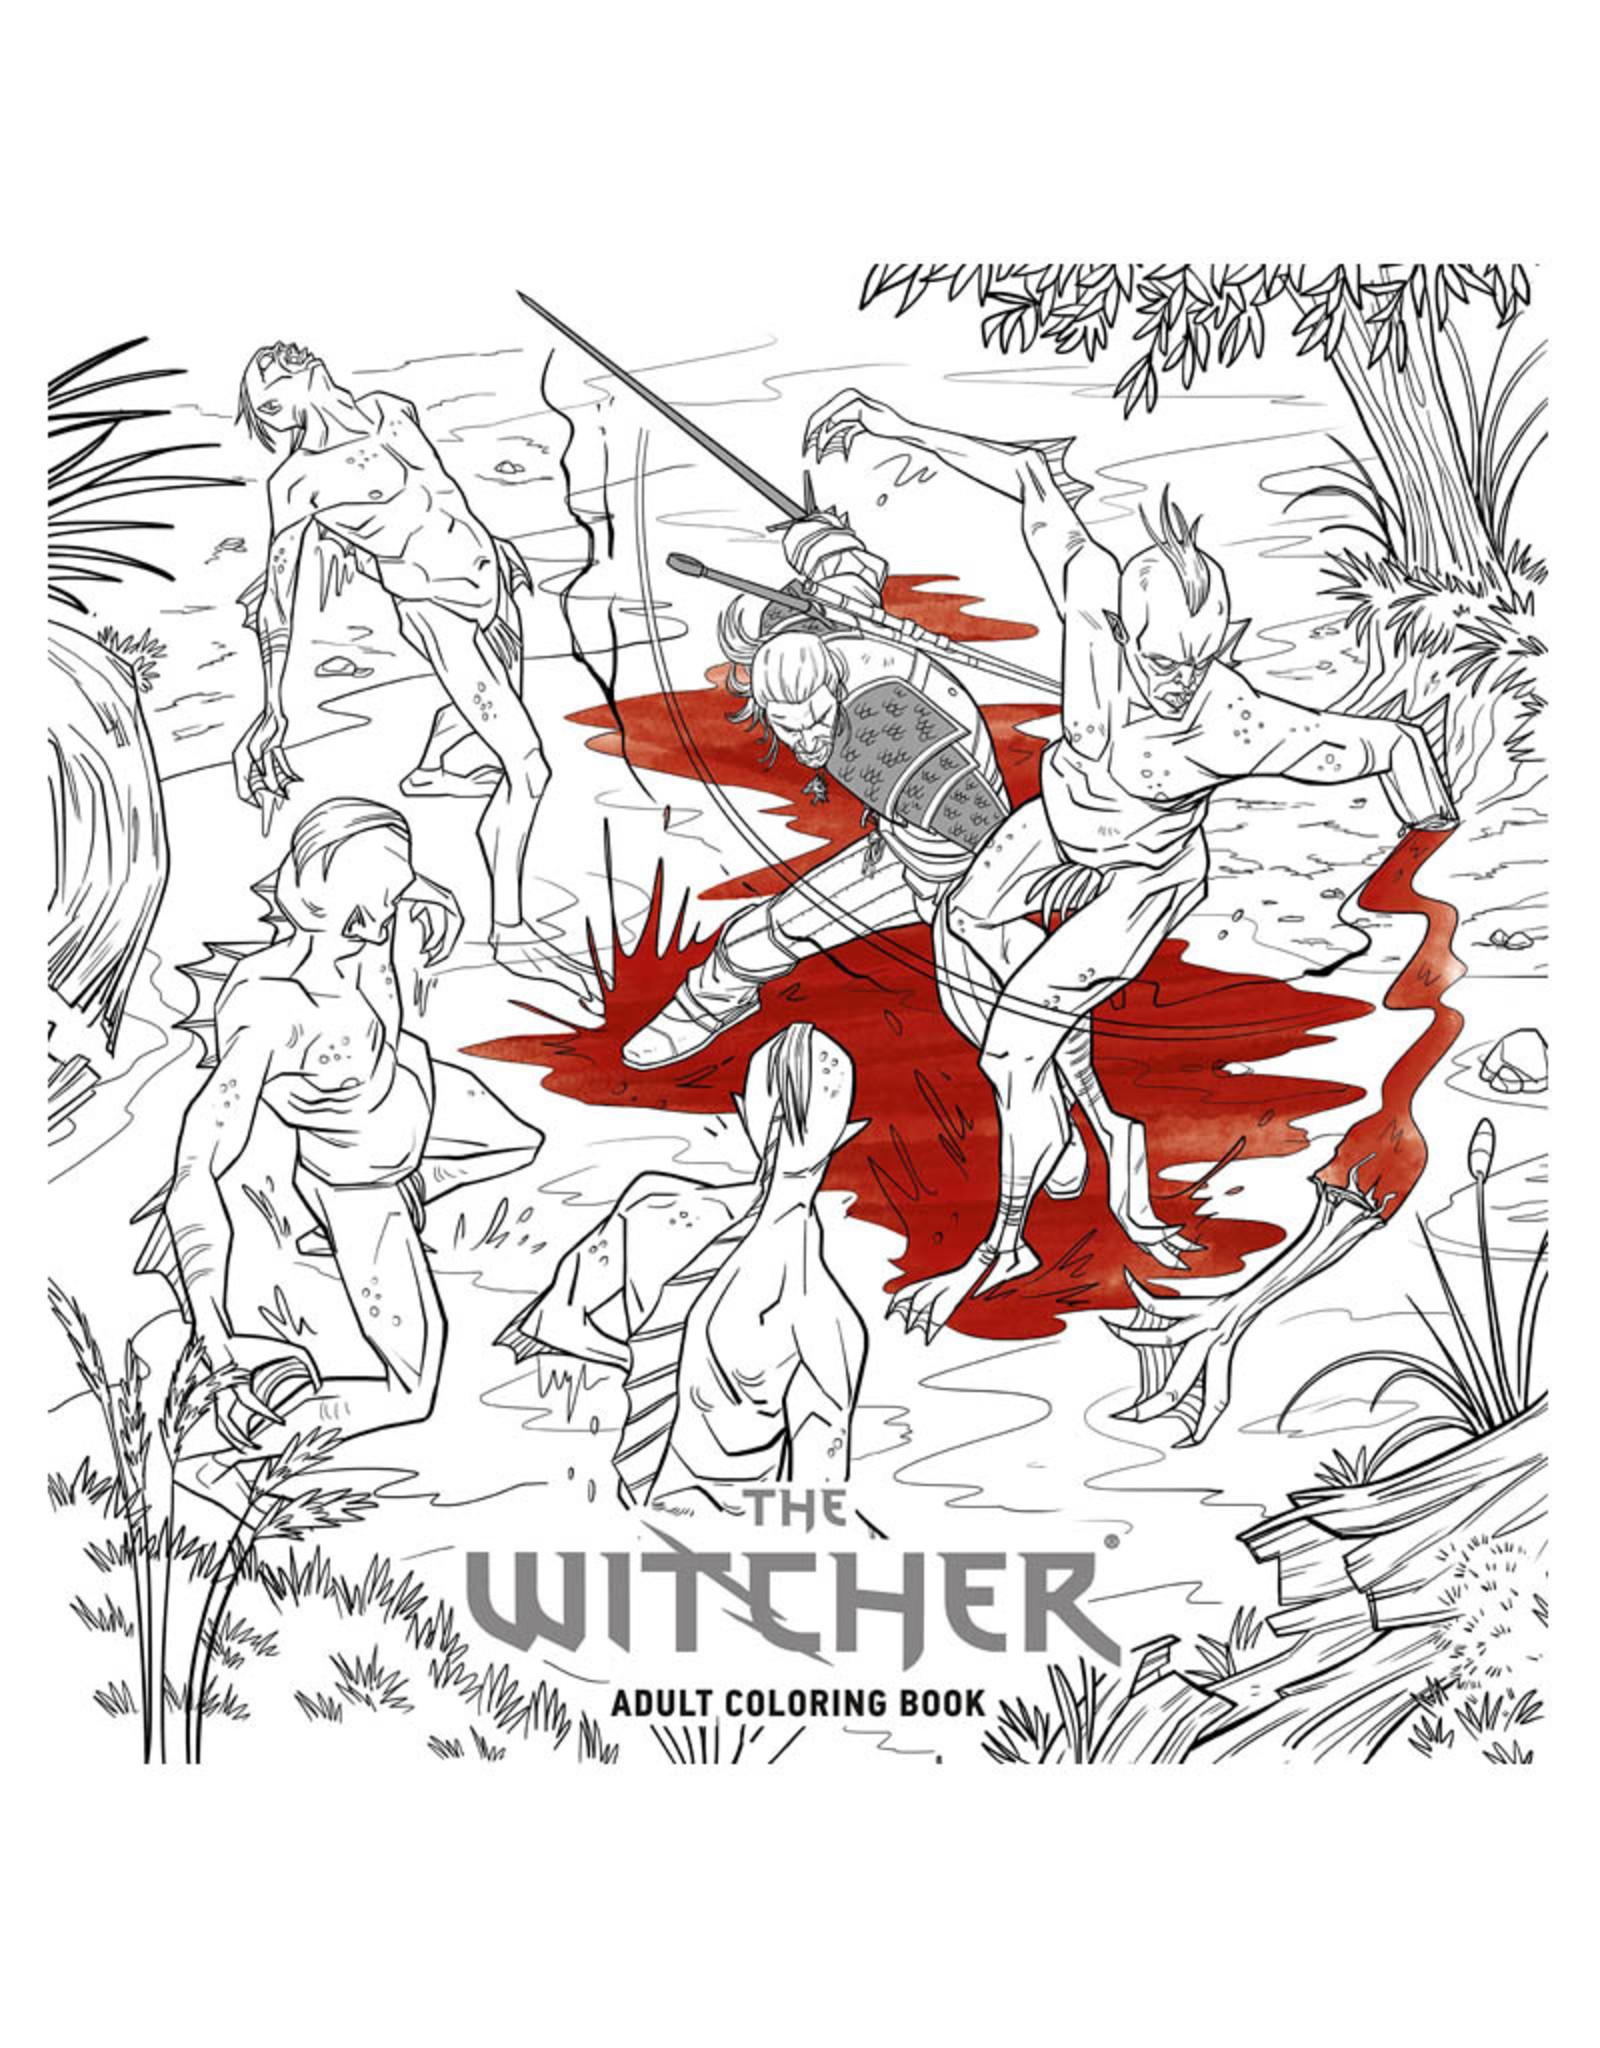 Witcher Coloring Book : witcher, coloring, Witcher, Coloring, Comics